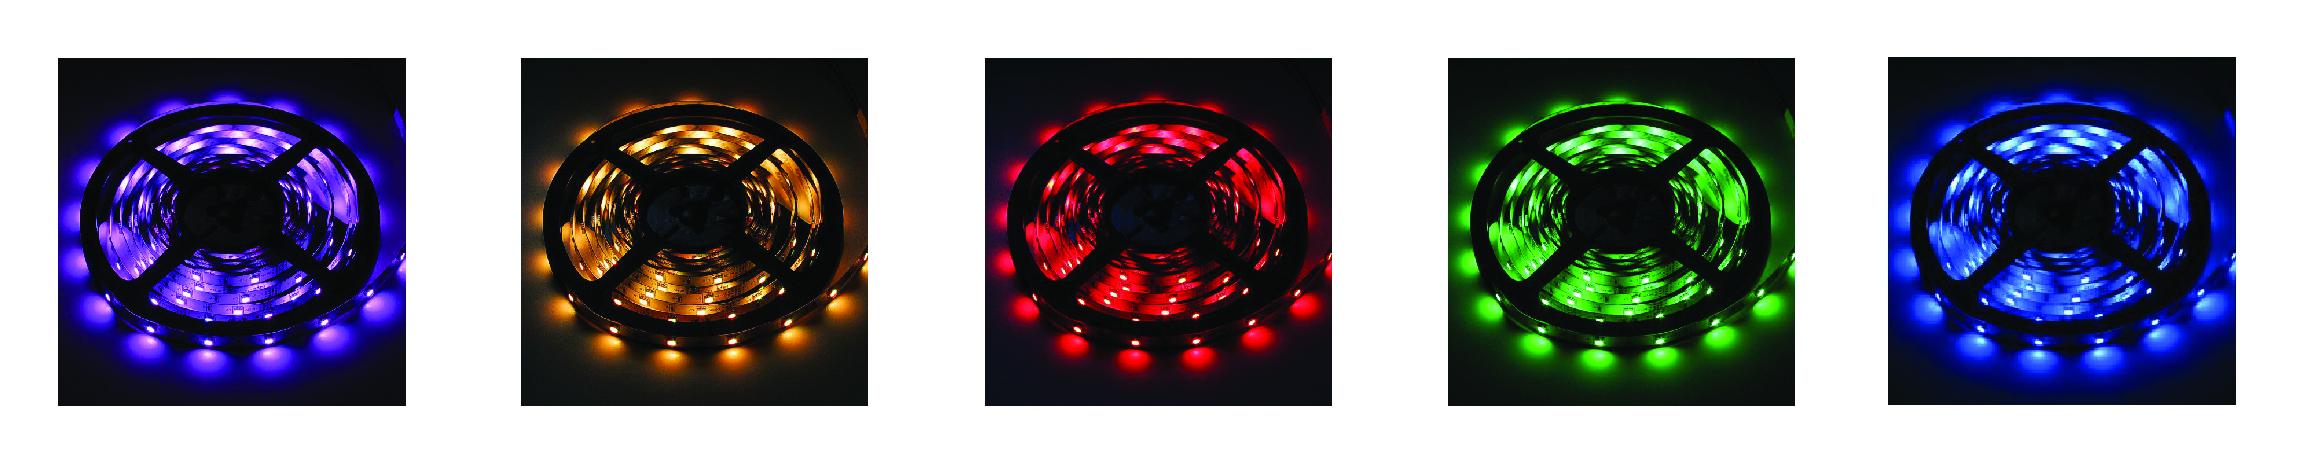 Kolorowe podświetlenie LED